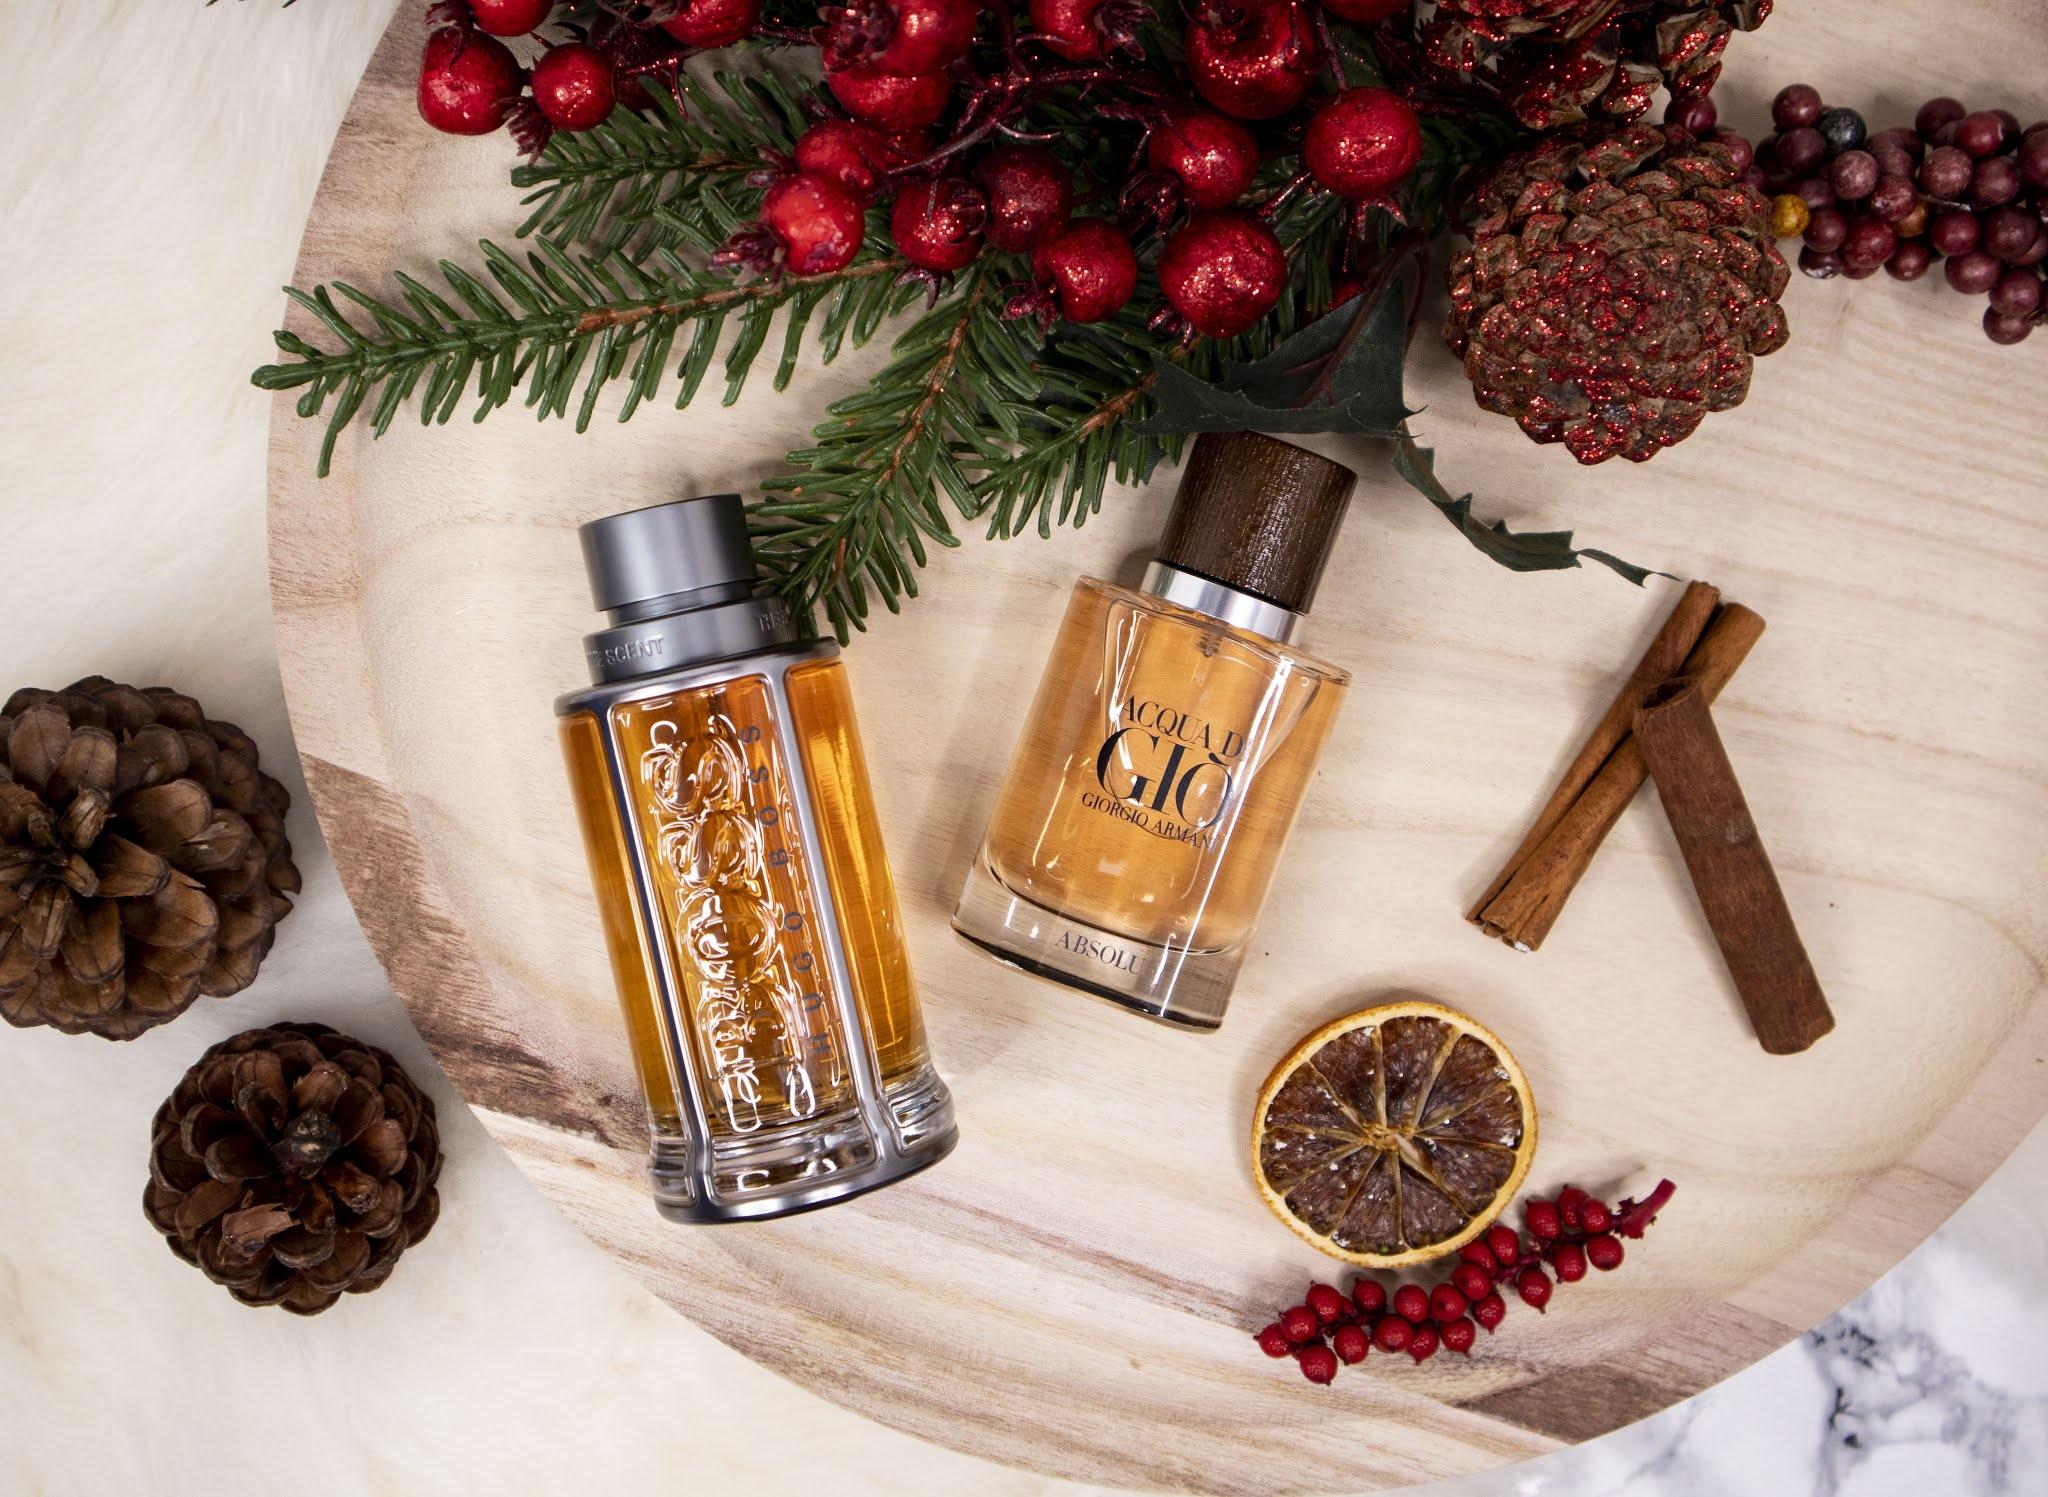 die besten winterdüfte für herren Hugo Boss BOSS The Scent Armani Acqua di Giò Absolu Eau de Parfum